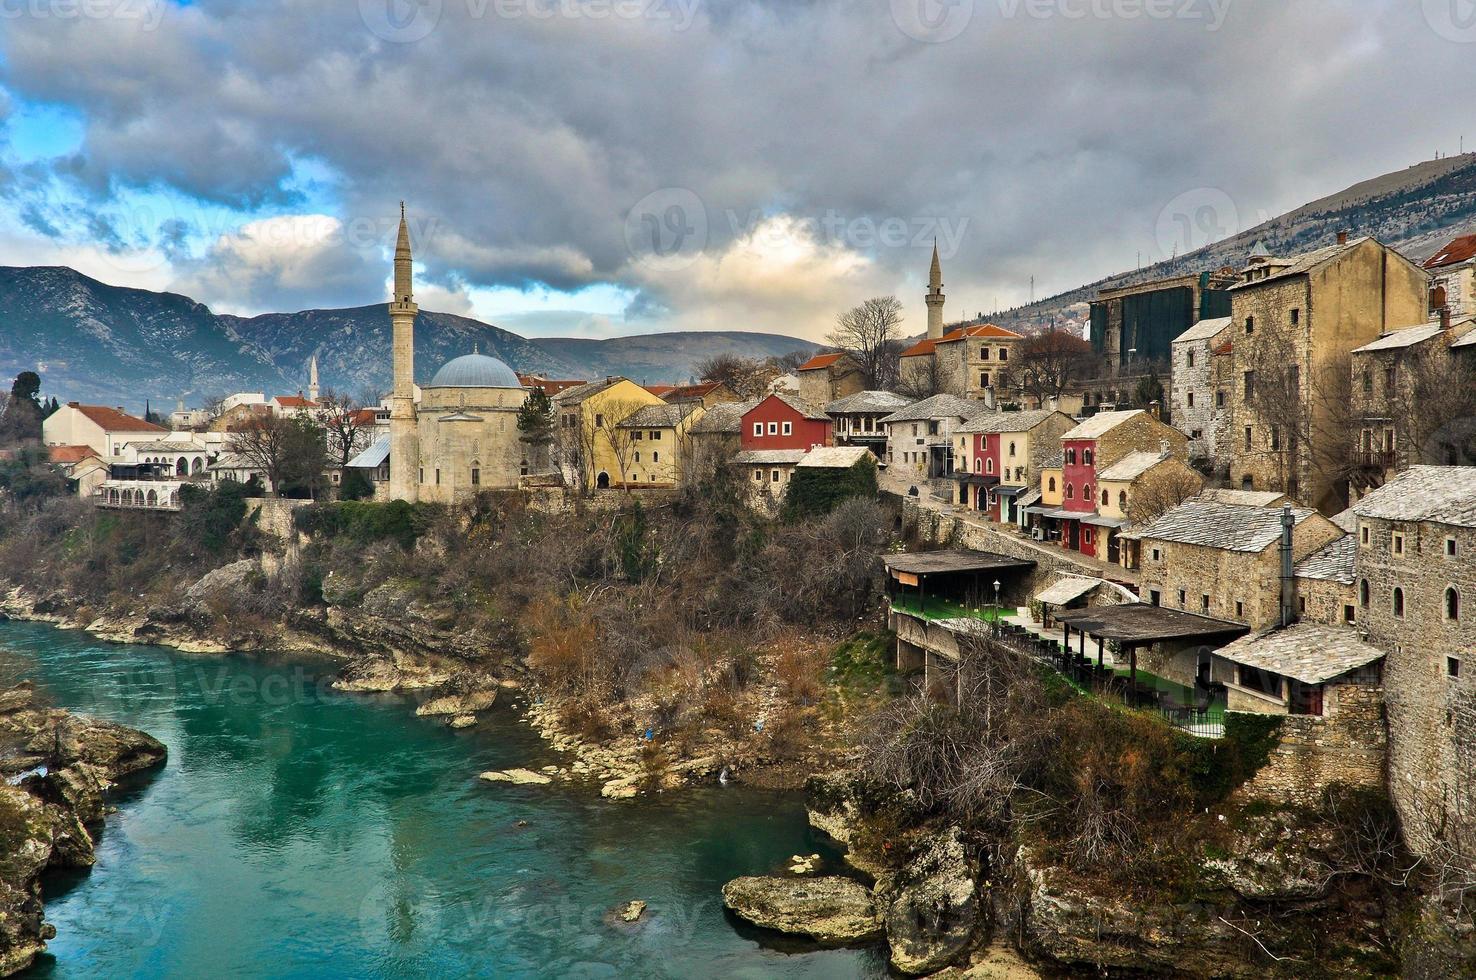 Mostar Altstadt Architektur foto